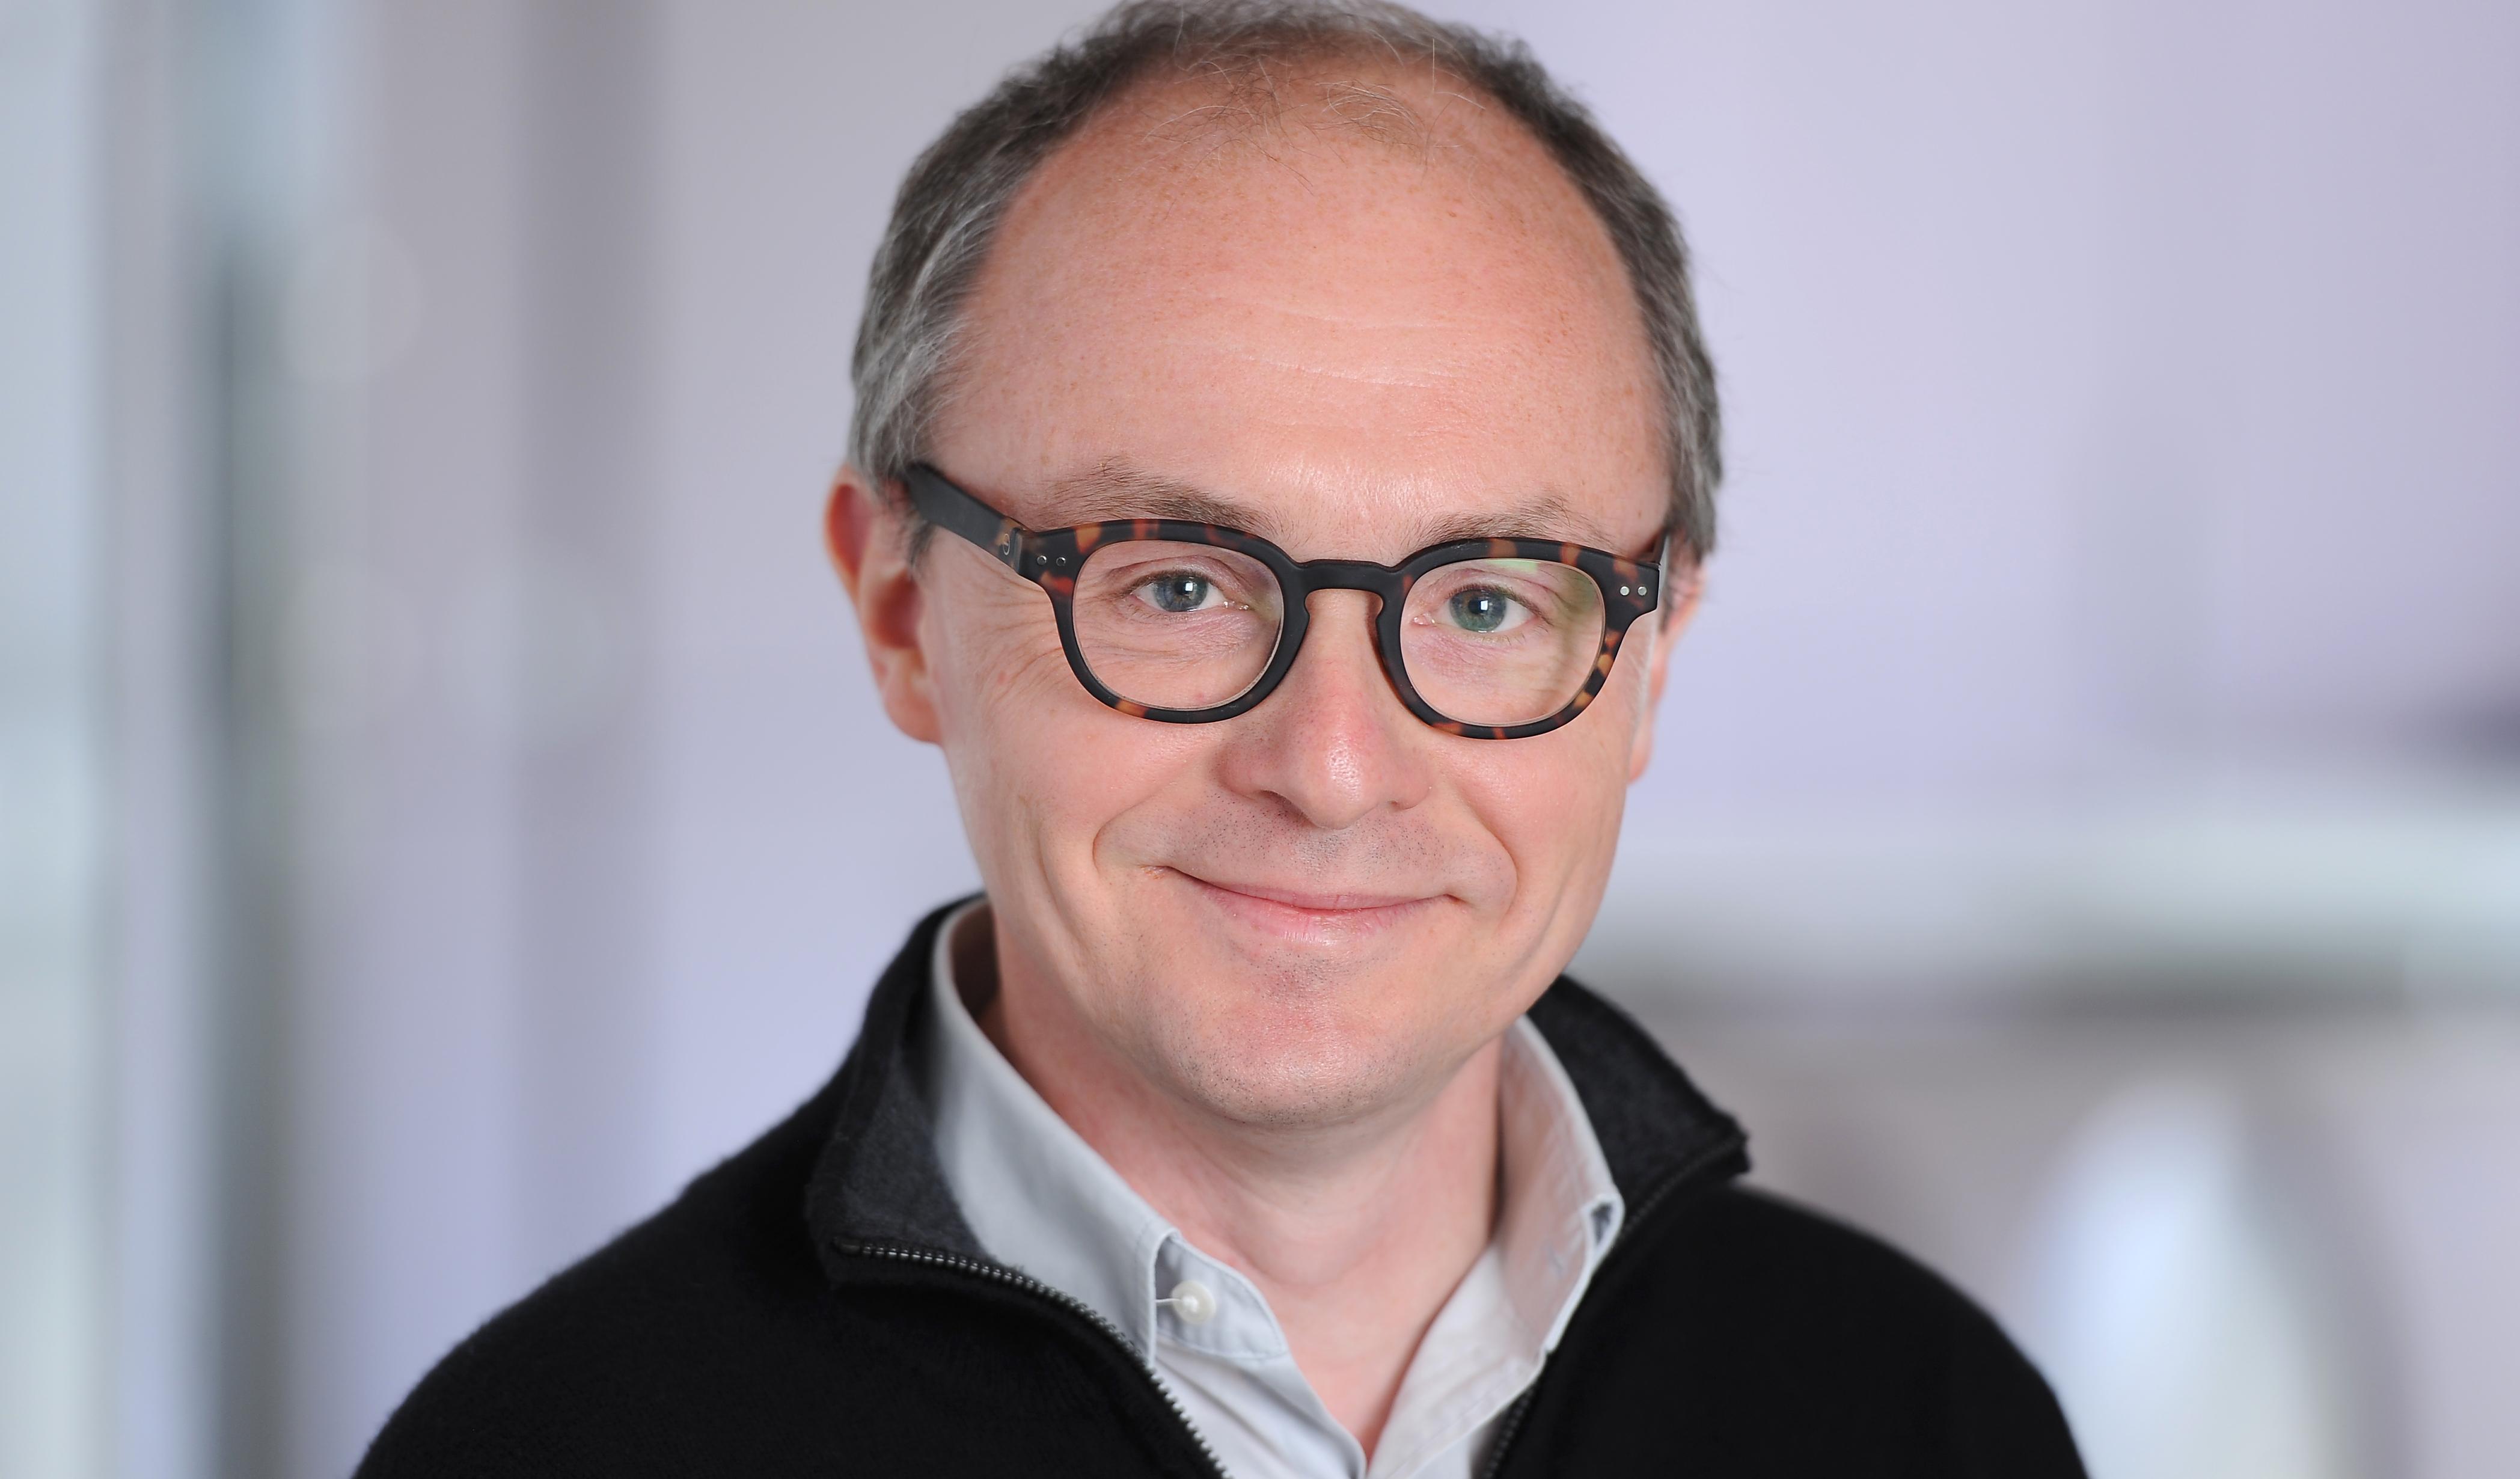 Dr Loic Lhuillier